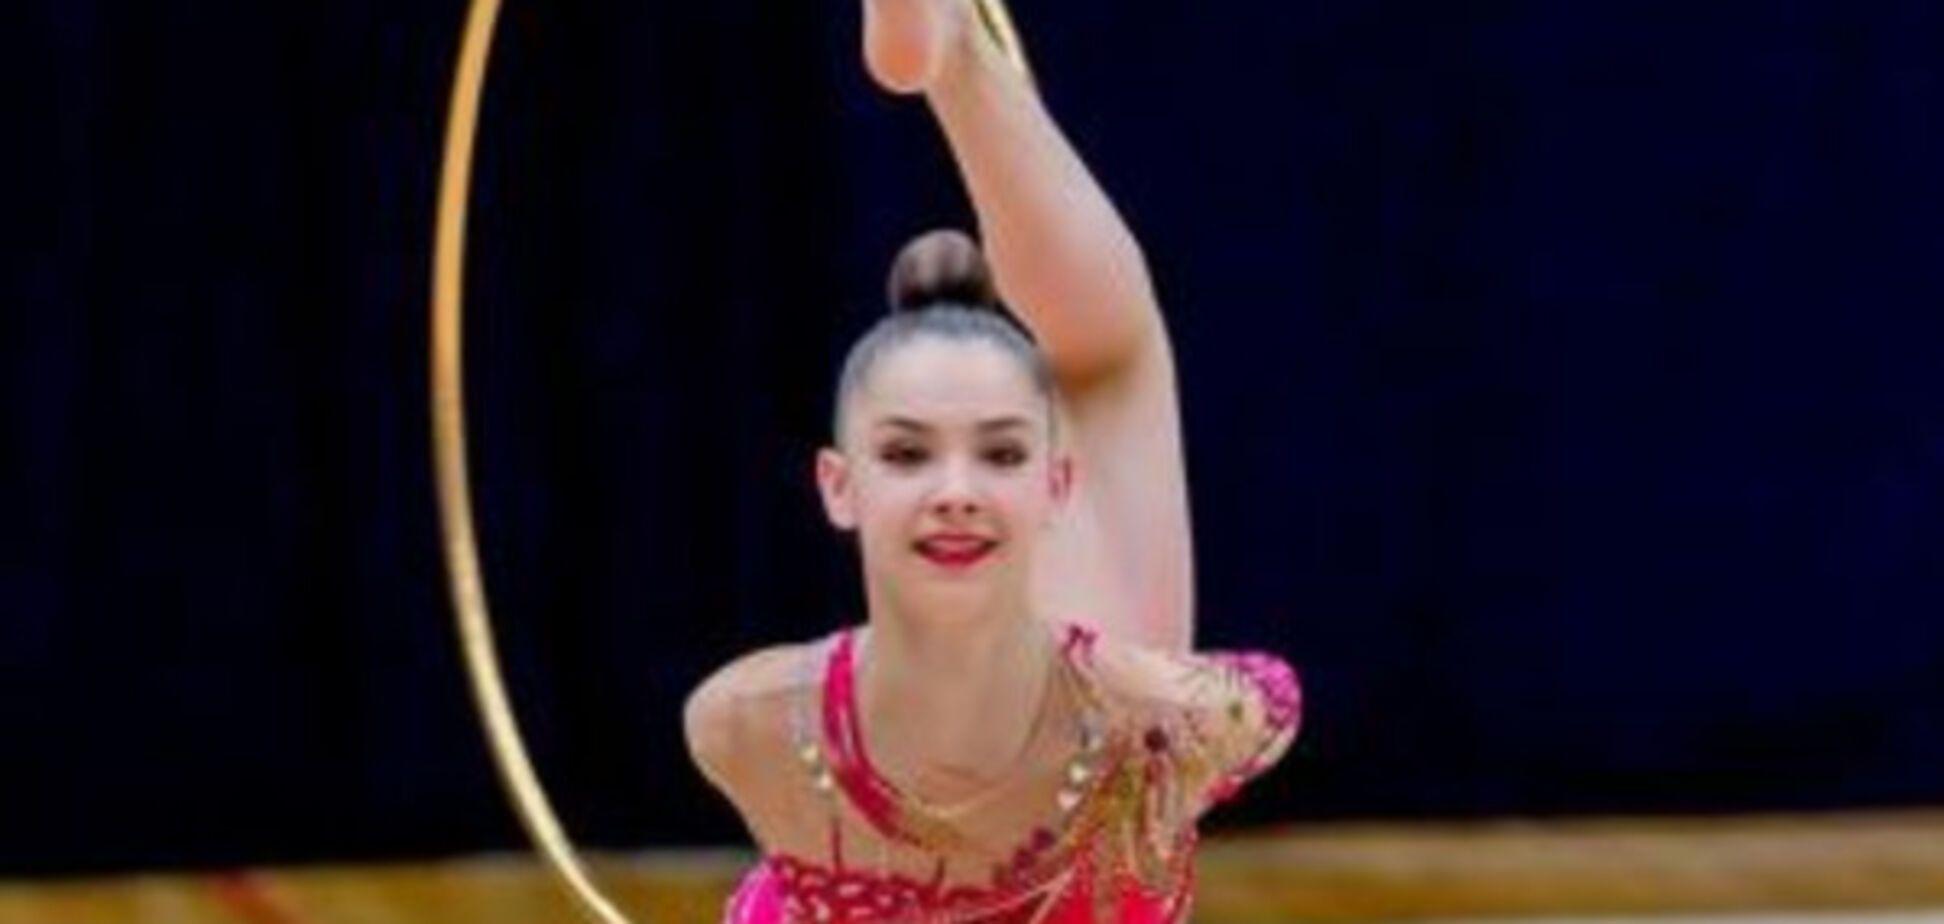 Українська гімнастка завоювала чотири золотих медалі на міжнародному Кубку